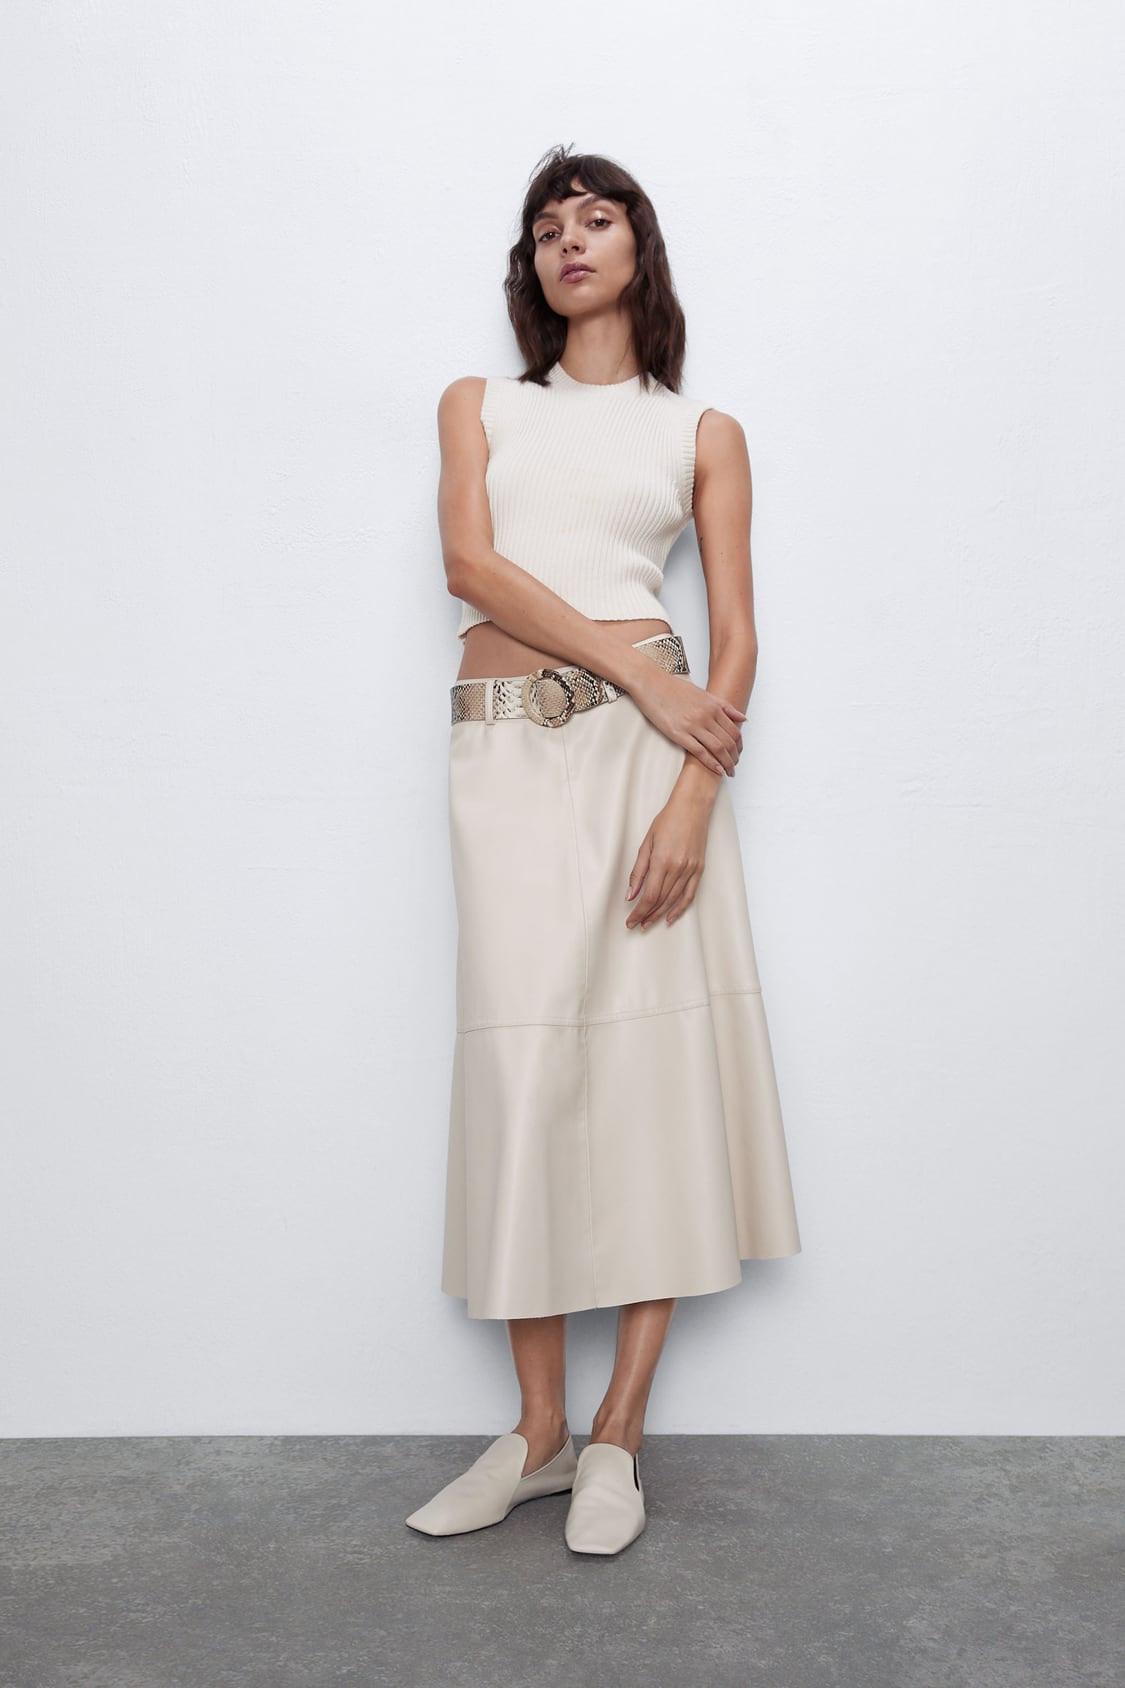 أنواع قماش الجيبات - موديلات جيبات جلد